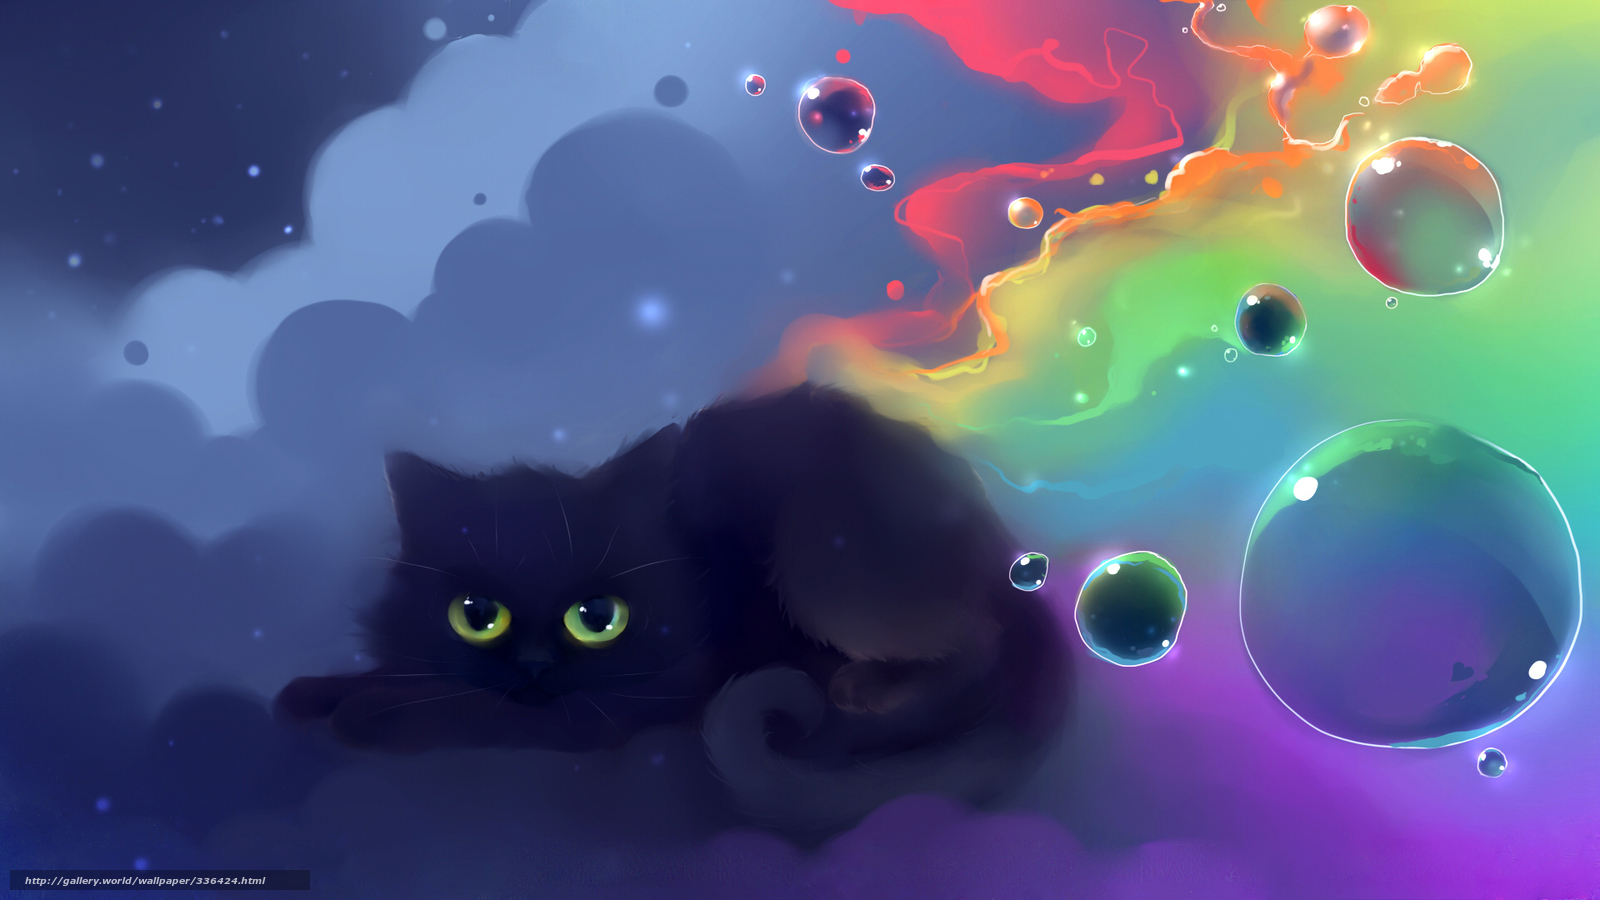 Tlcharger Fond d'ecran chat, Couilles, couleur, dessin Fonds d'ecran gratuits pour votre ...